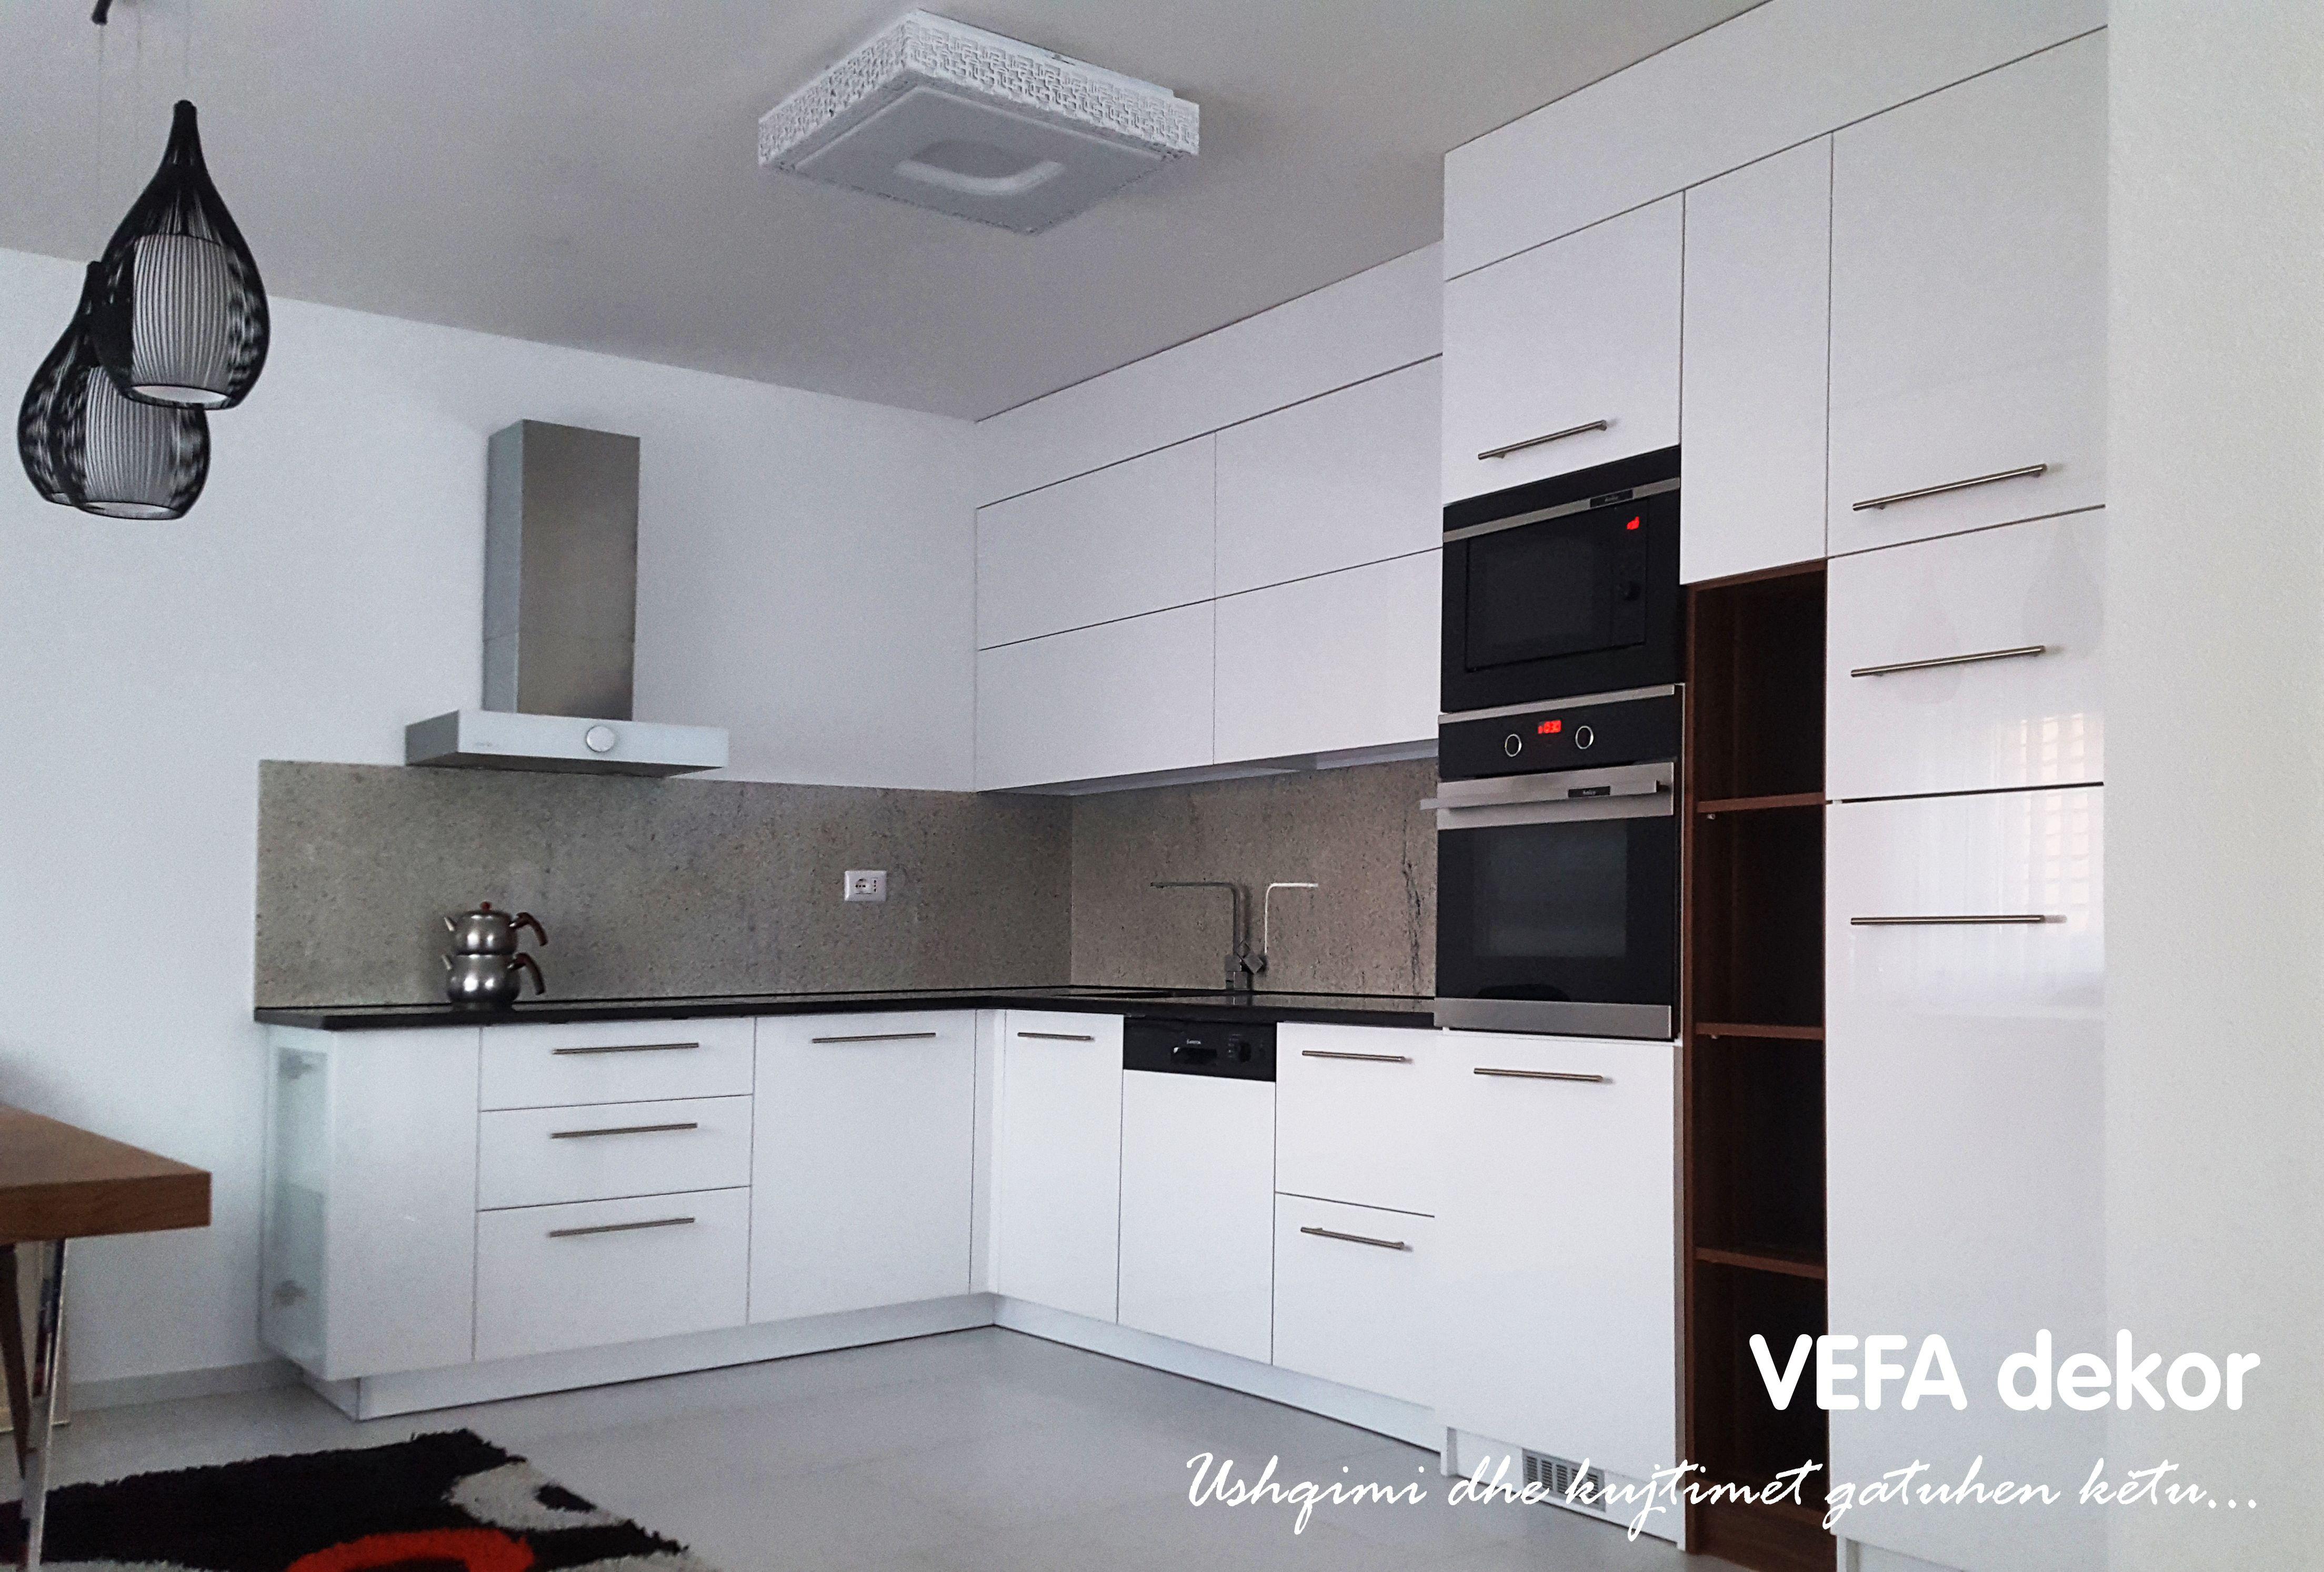 Woodworker Küchen ~ Kitchen design #kuzhina #kitchen #kuche #cuisine kitchen